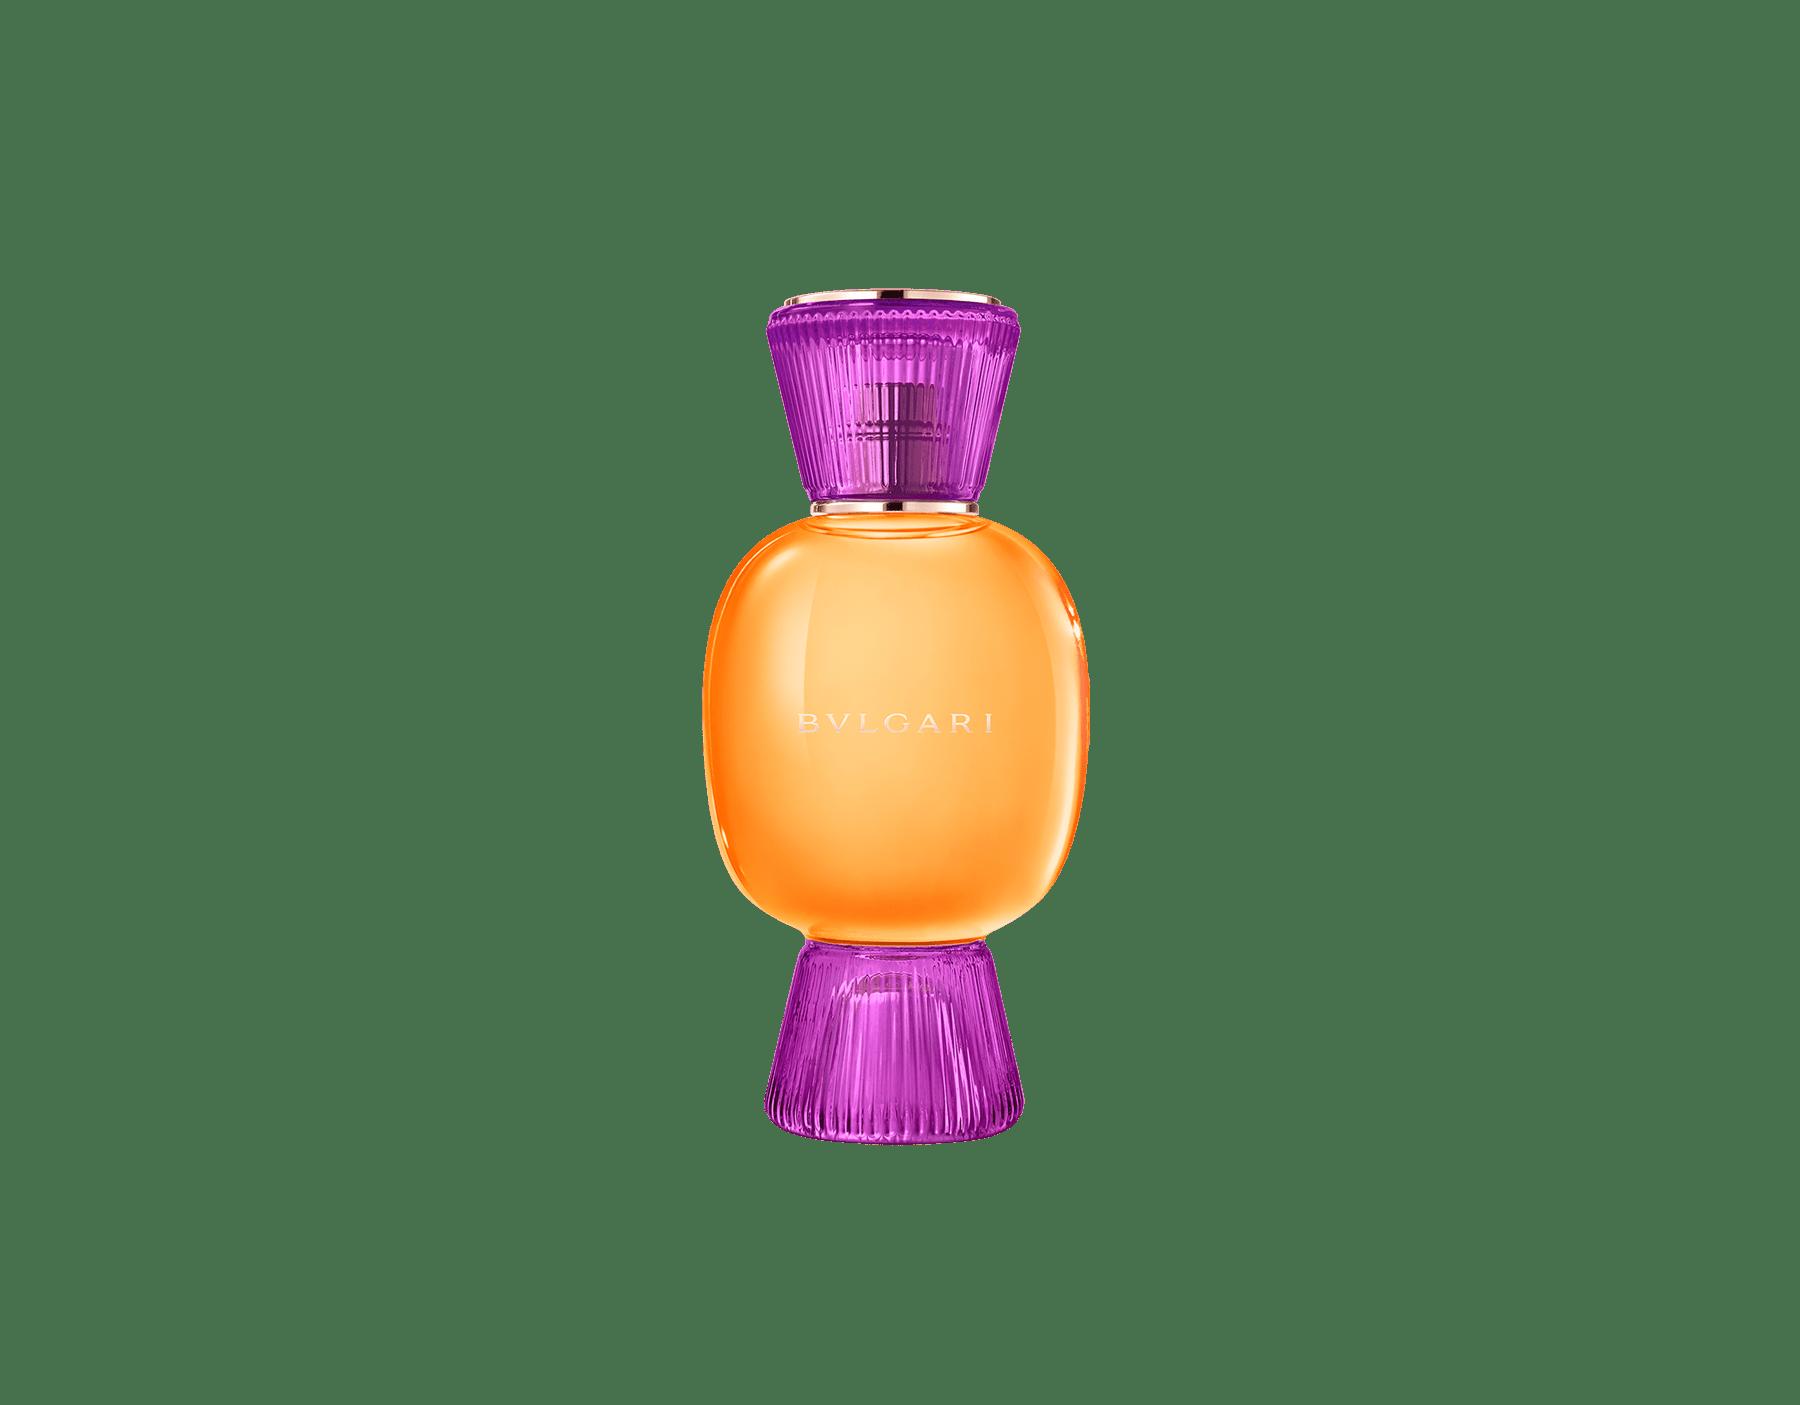 Un coffret de parfums exclusif, aussi unique et audacieux que vous. Liquoreuse et florientale, l'Eau de Parfum Allegra Rock'n'Rome se mêle aux arômes addictifs de l'essence du Magnifying Vanilla pour donner vie à une irrésistible fragrance personnalisée.  Perfume-Set-Rock-n-Rome-Eau-de-Parfum-and-Vanilla-Magnifying image 2